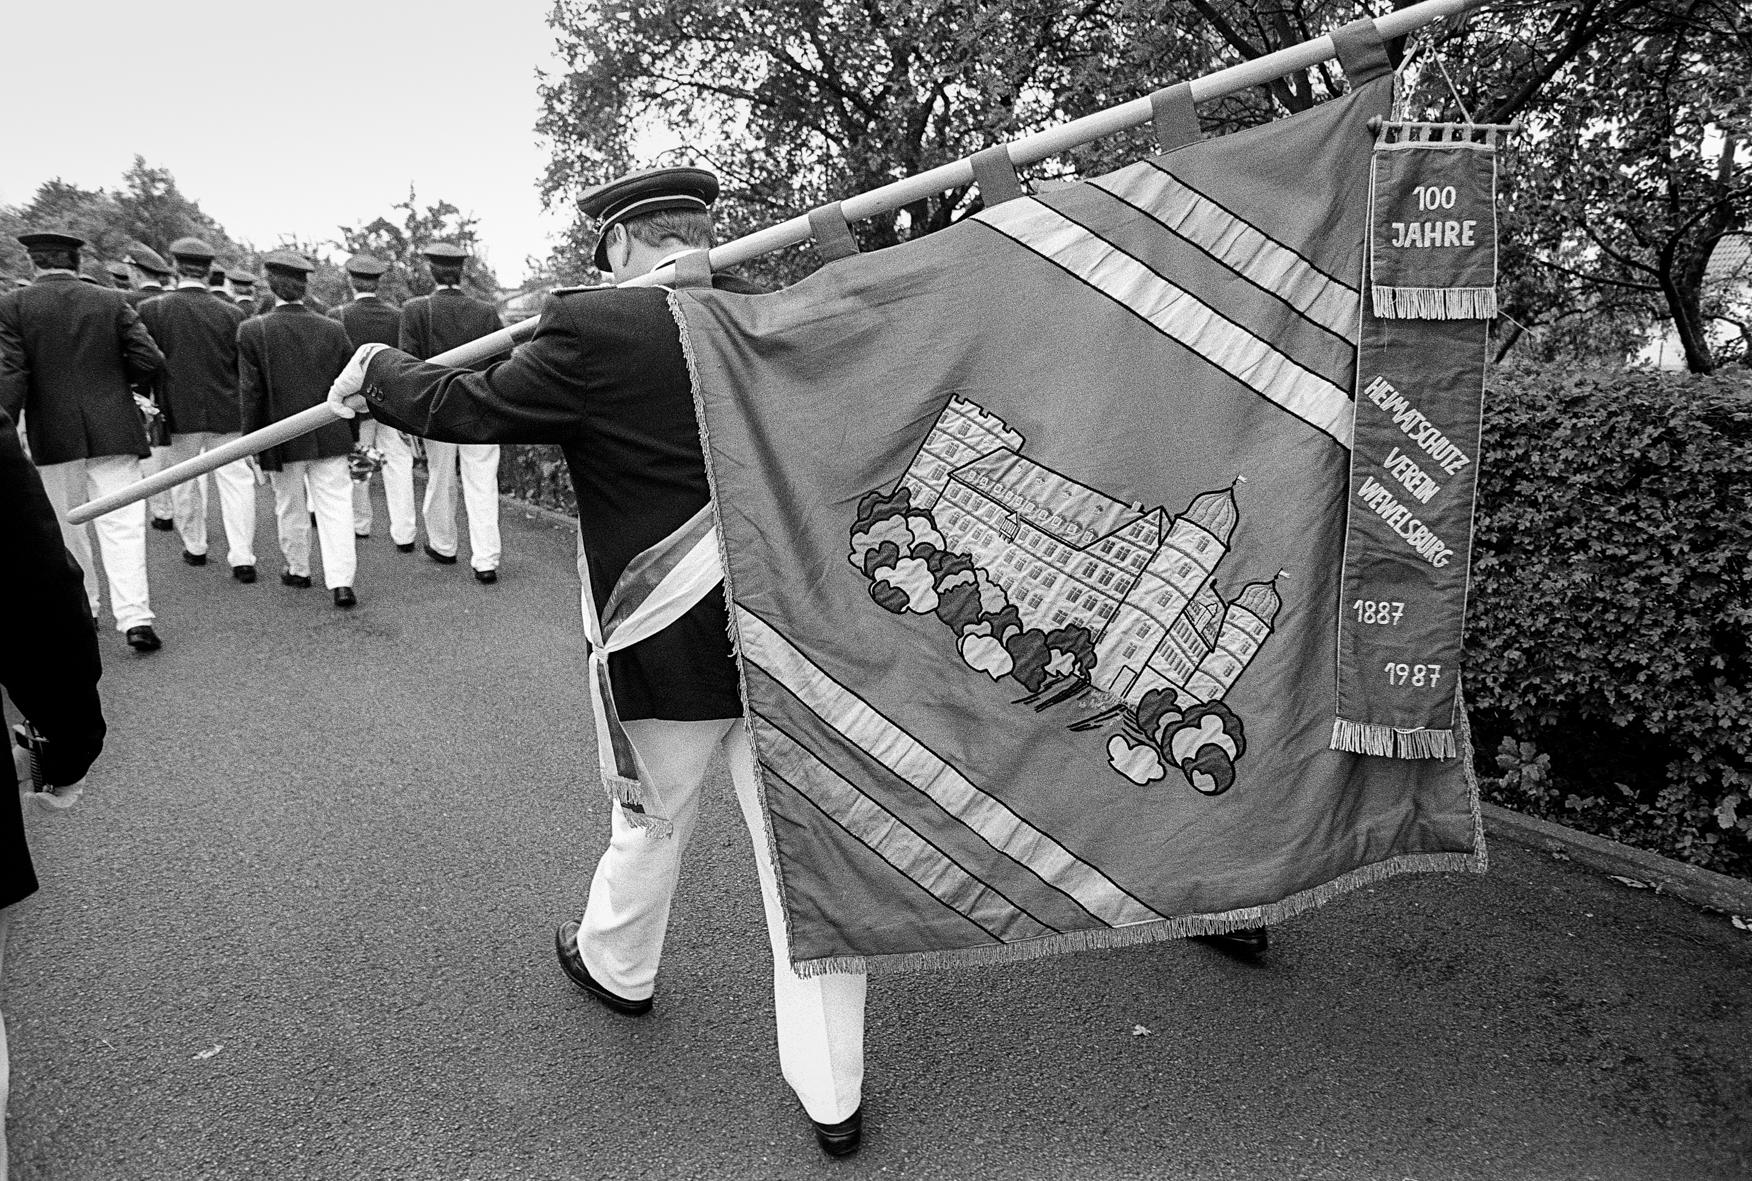 der Heimatschutzverein marschiert